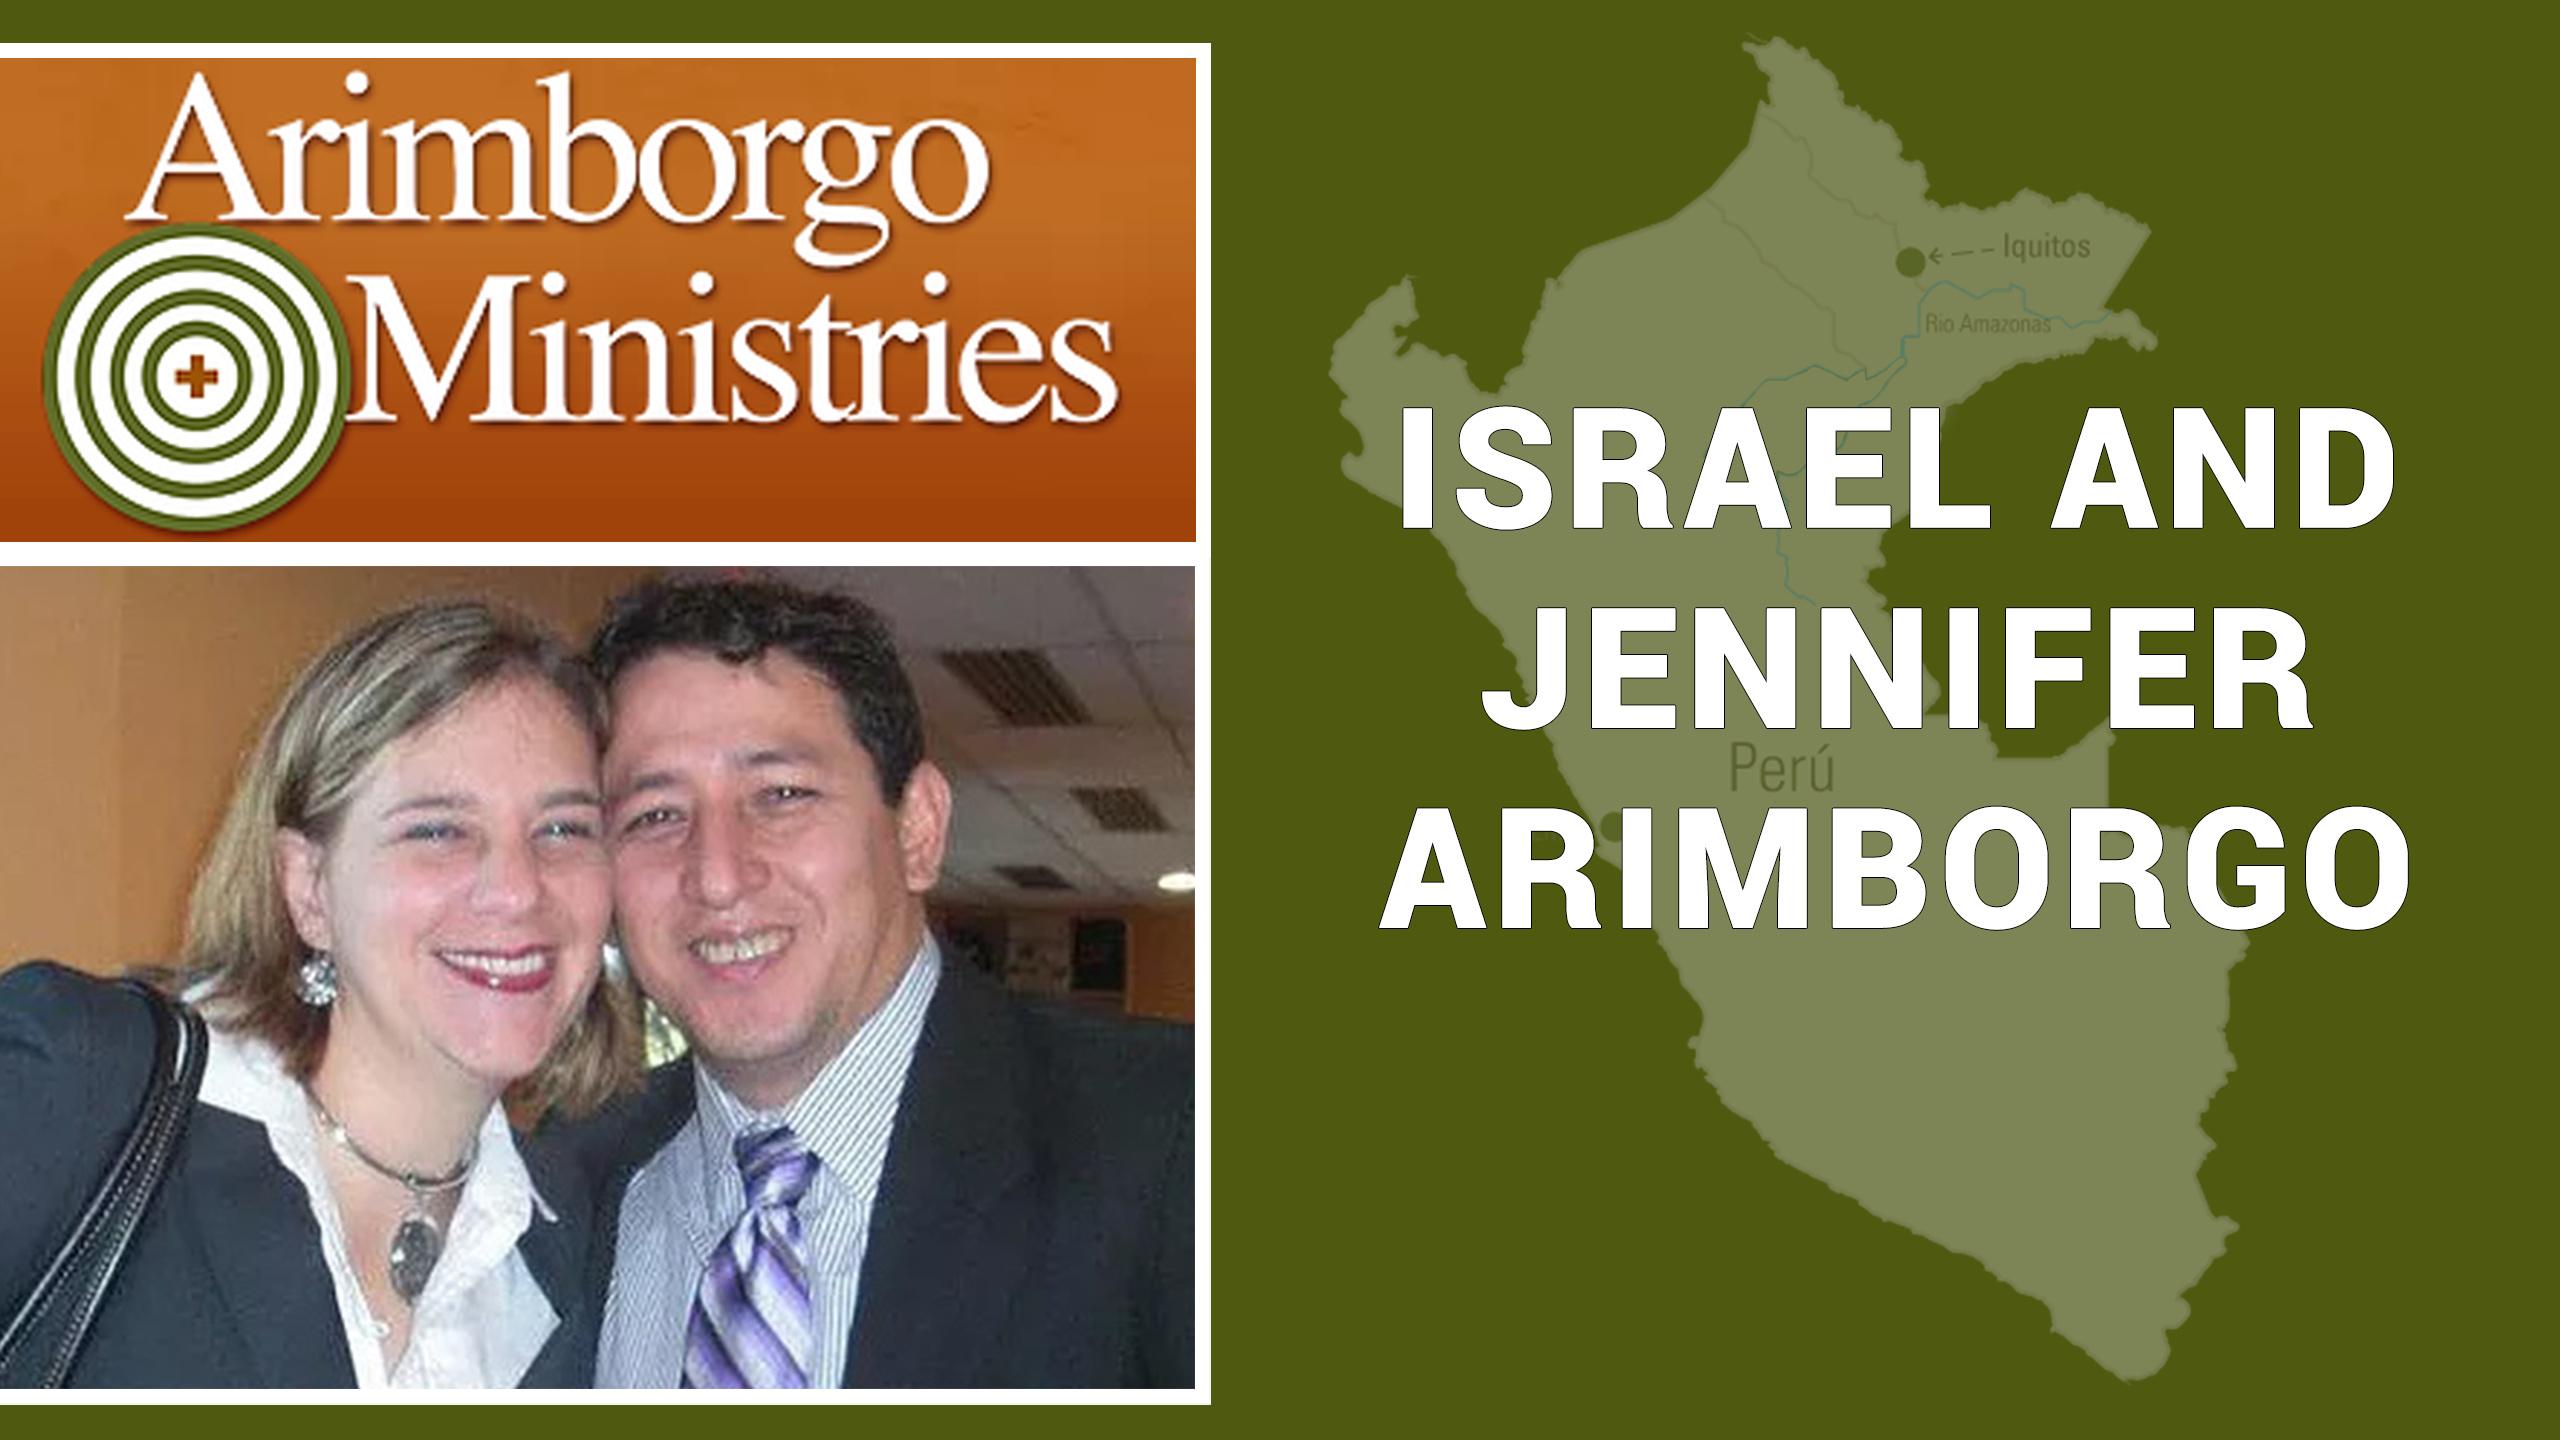 Israel and Jennifer Arimborgo will be with us Sunday, Nov 17 at 10:15 AM.